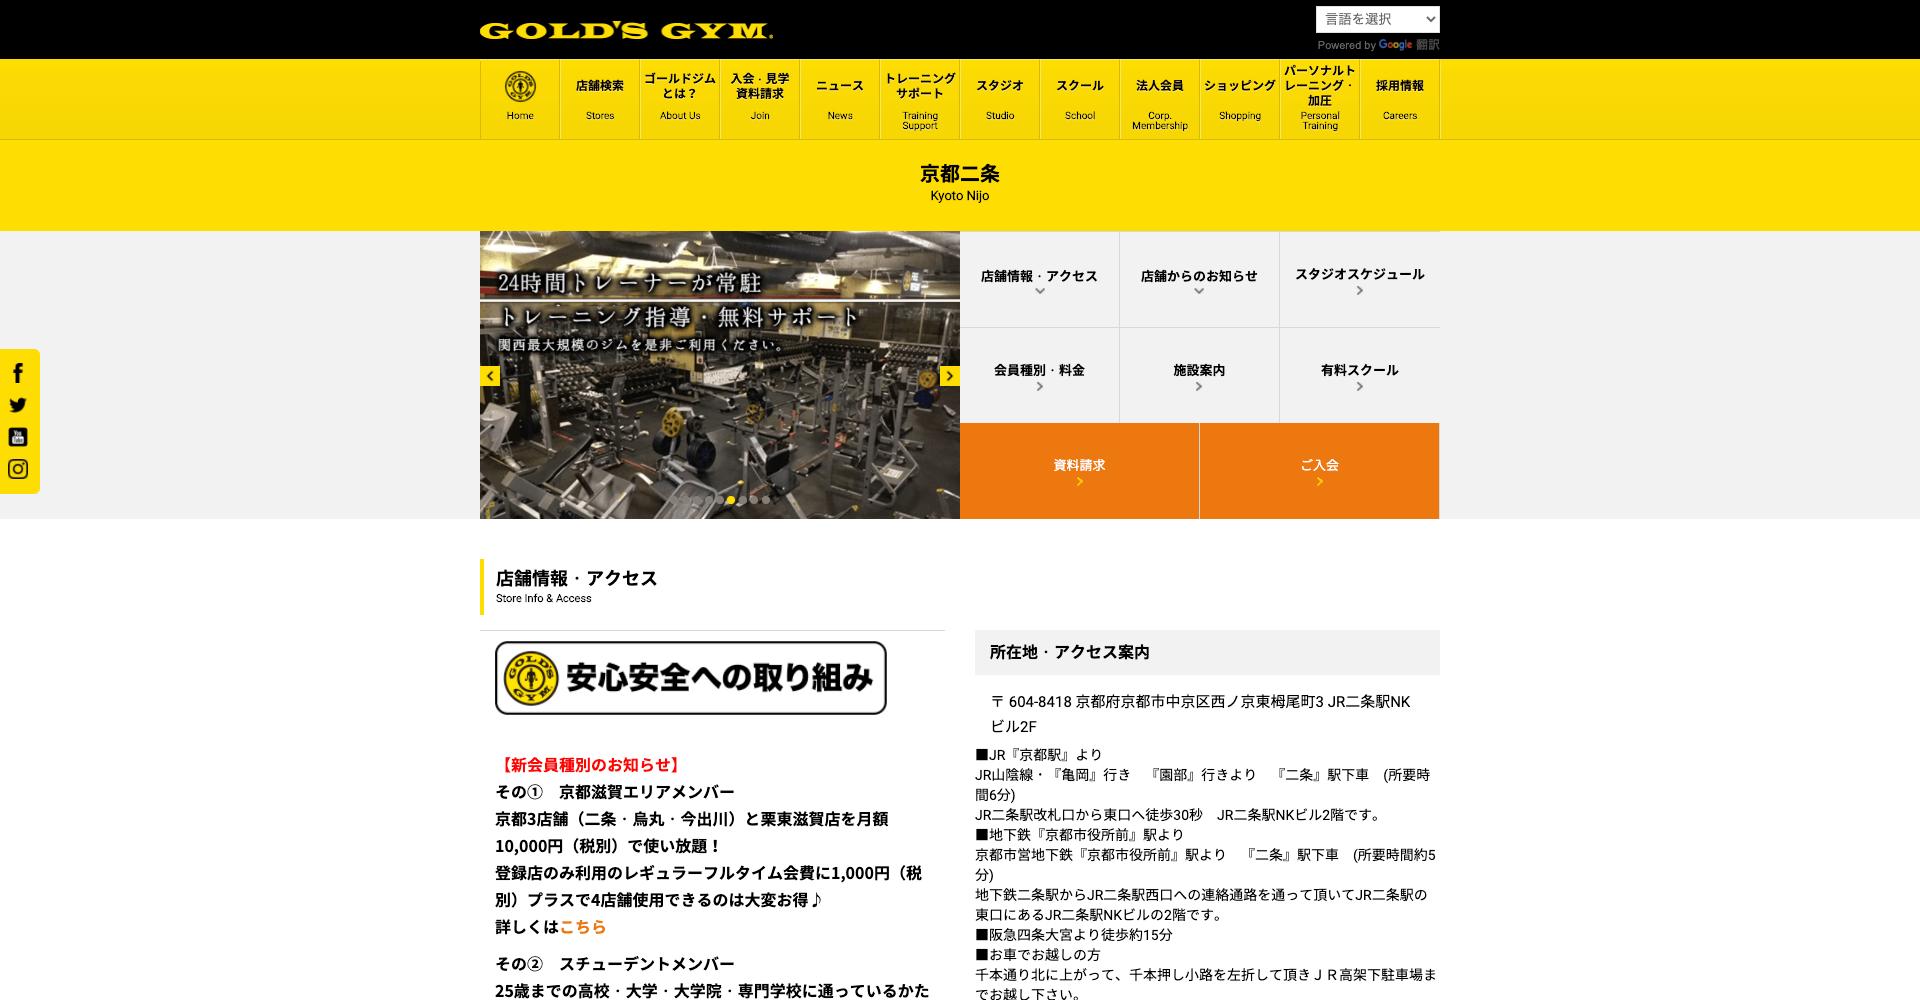 ゴールドジム 京都二条